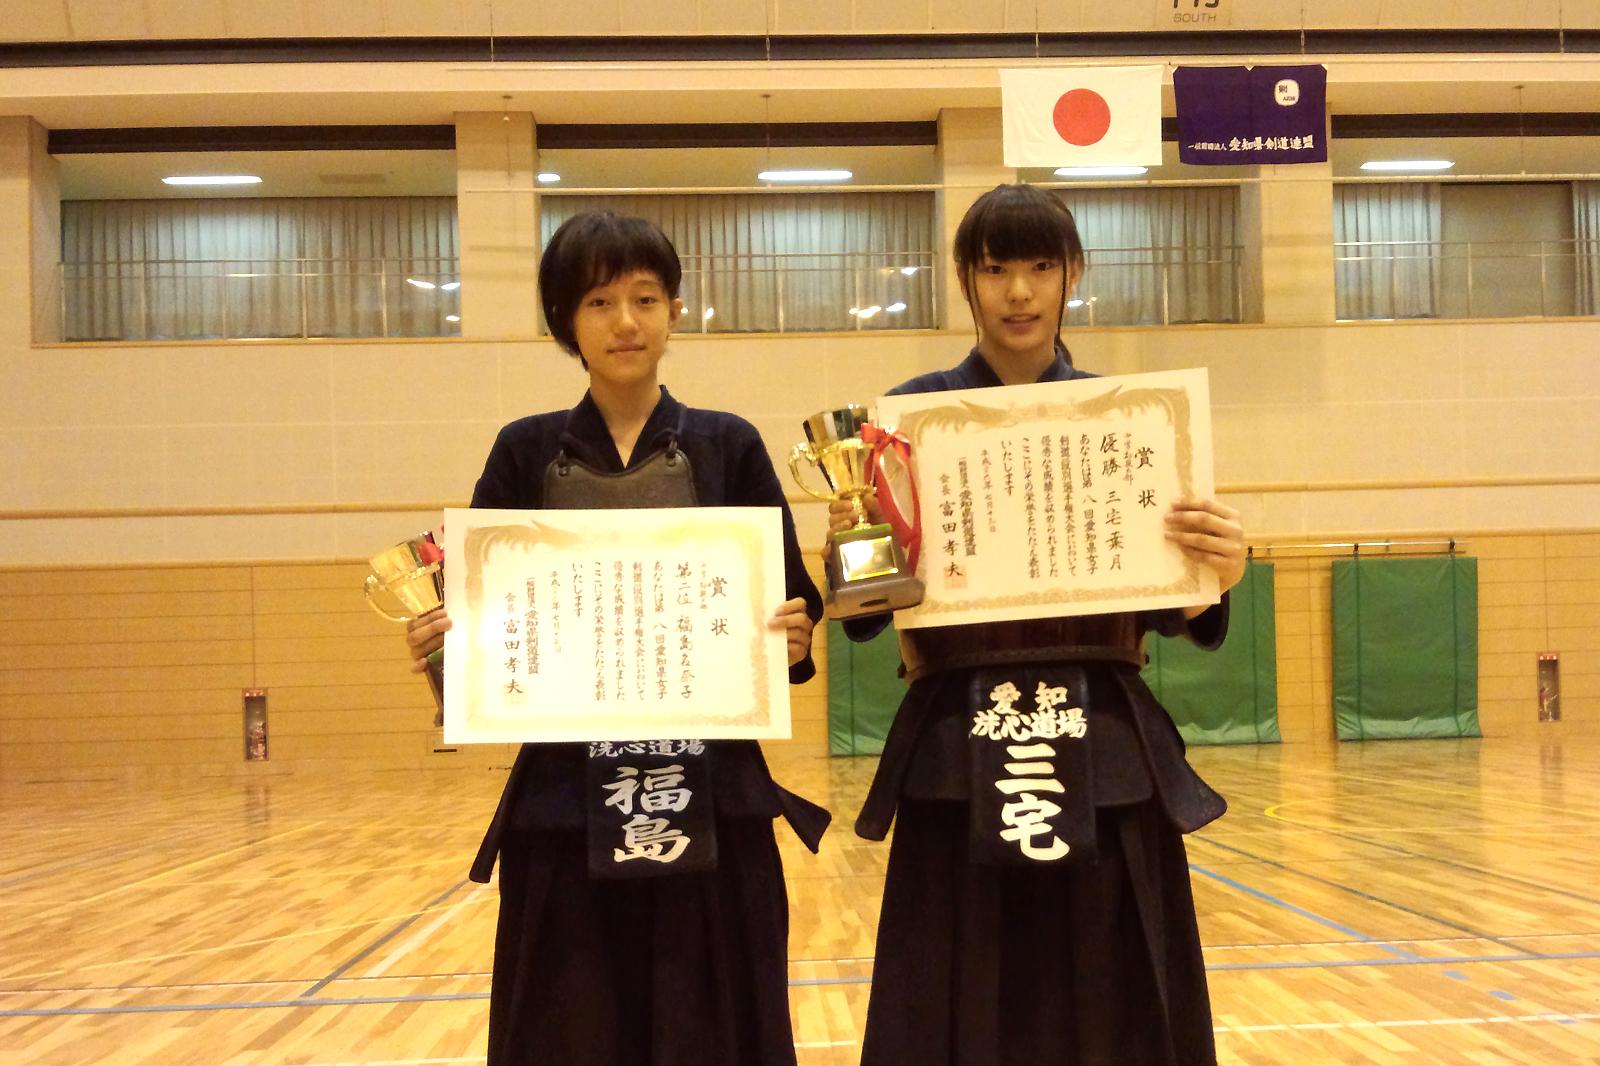 第8回愛知県女子剣道段別選手権大会